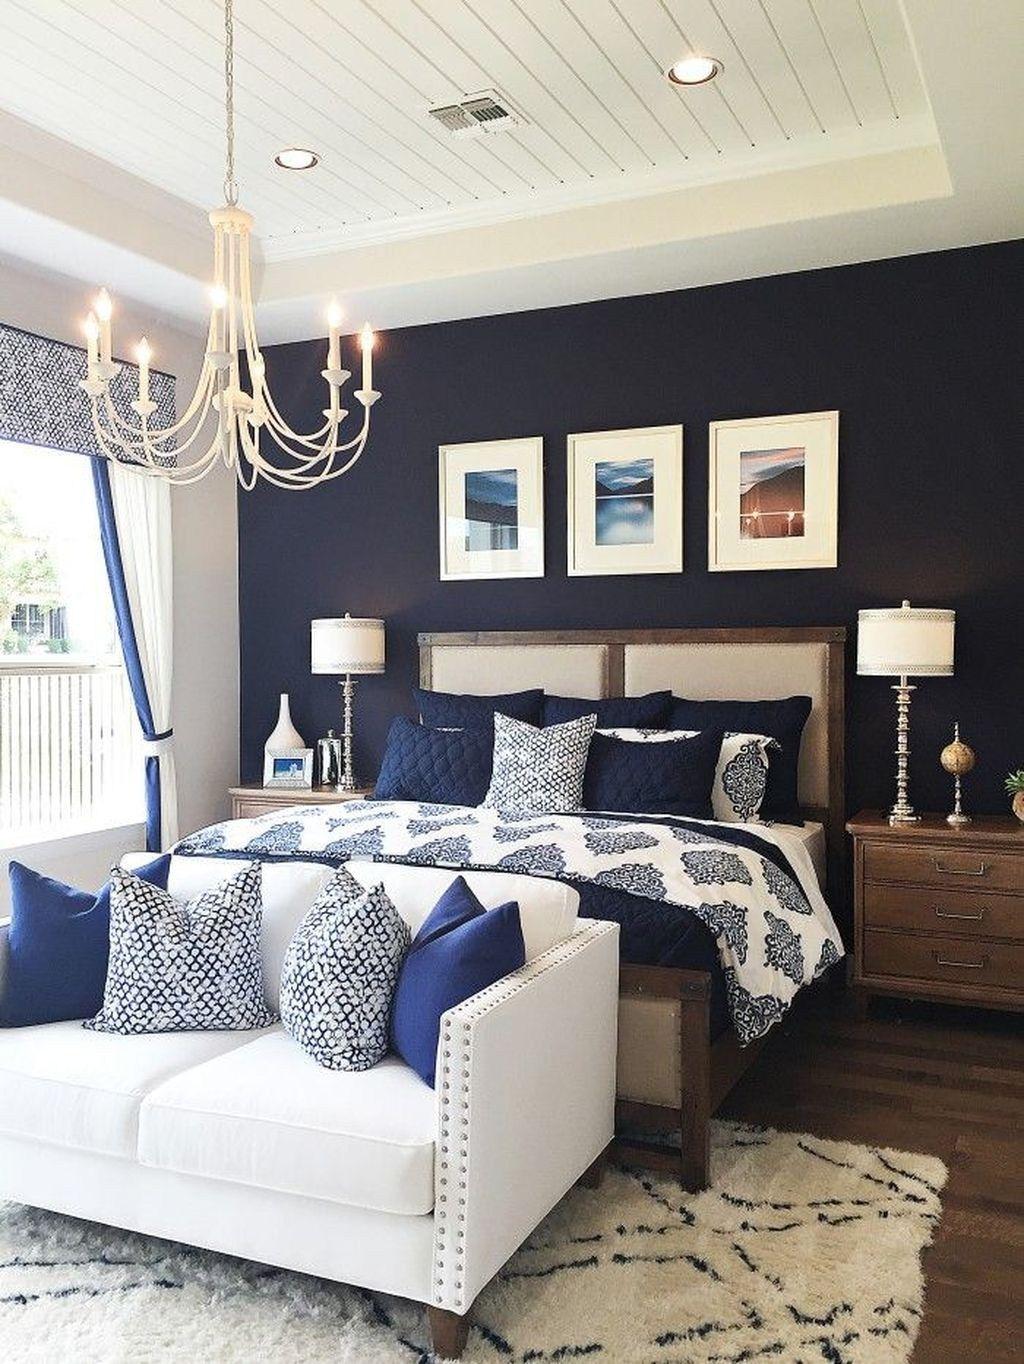 Master bedroom ideas   Newest Master Bedroom Ideas For Wonderful Home  Bedroom Ideas